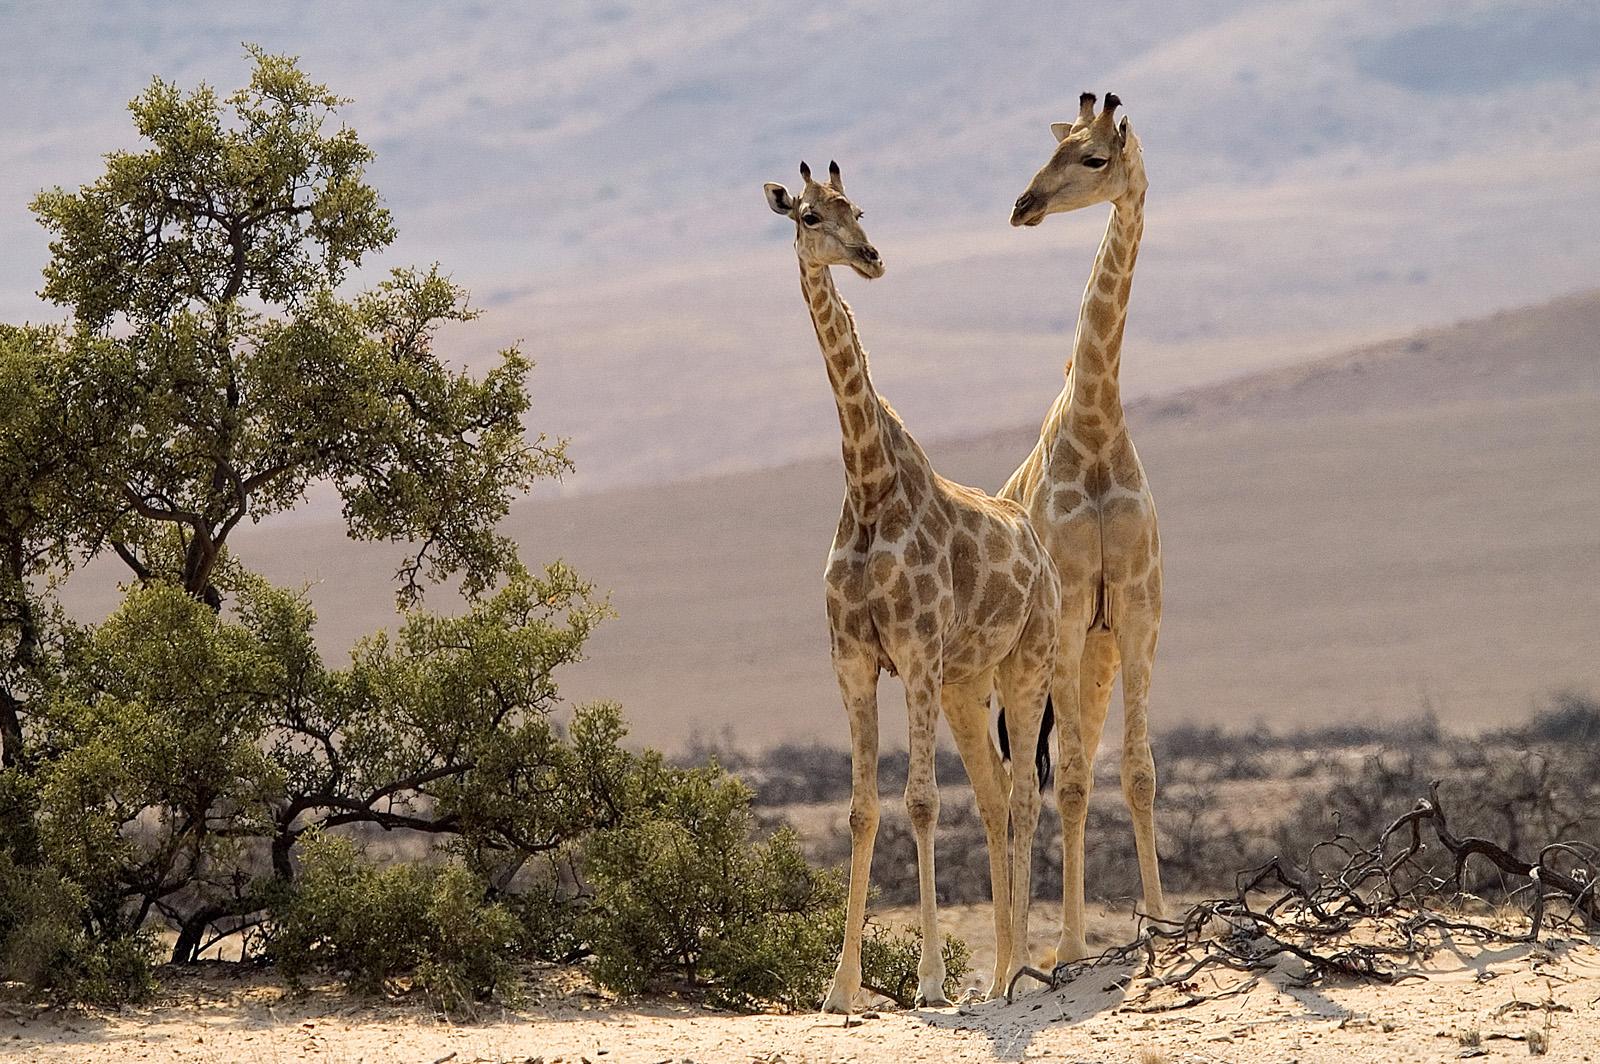 Desert-adapted giraffes